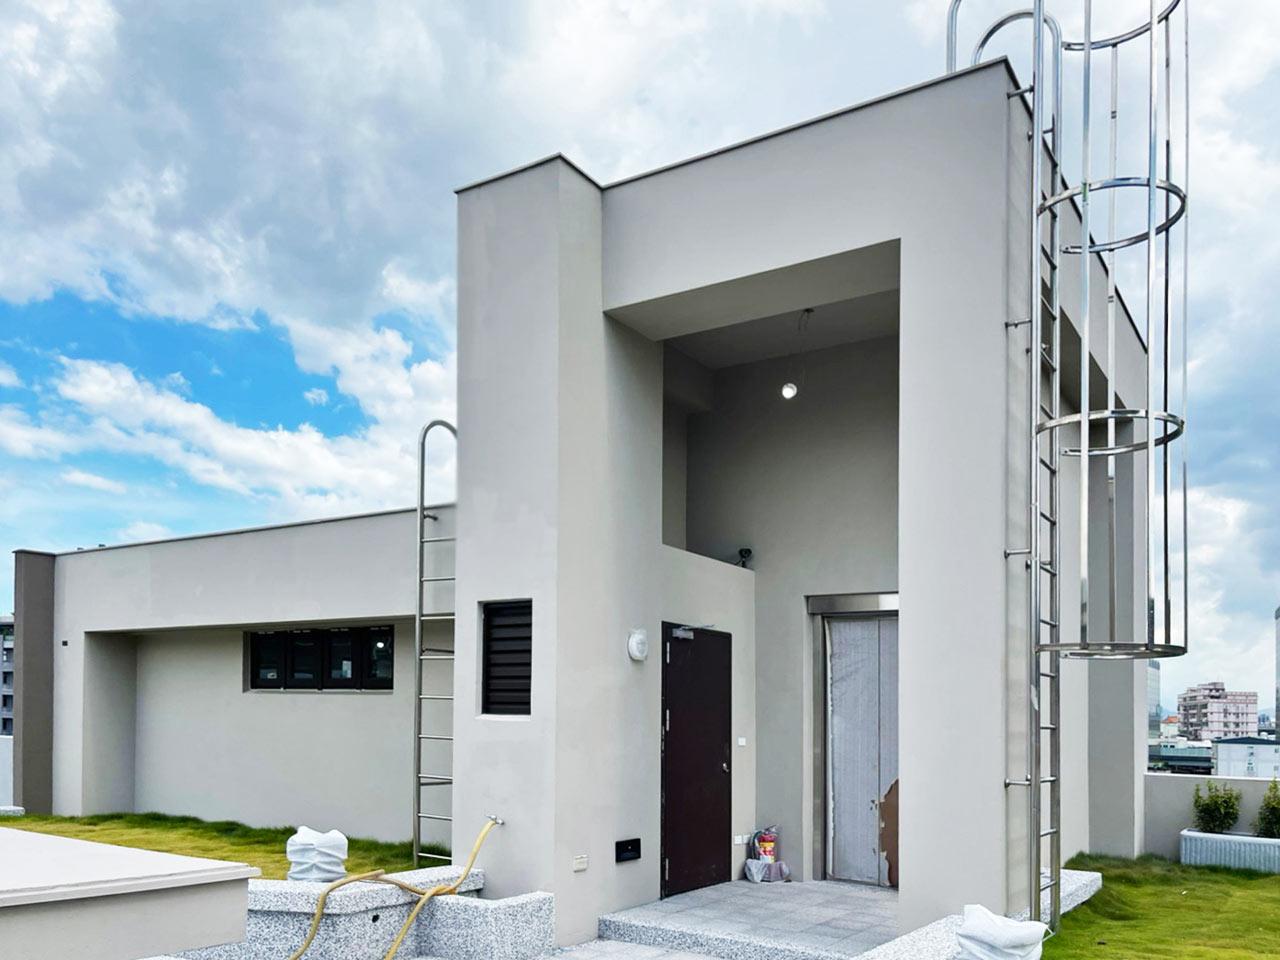 懿德發公司的新建廠房,頂樓使用SF工法以抵禦戶外氣候。